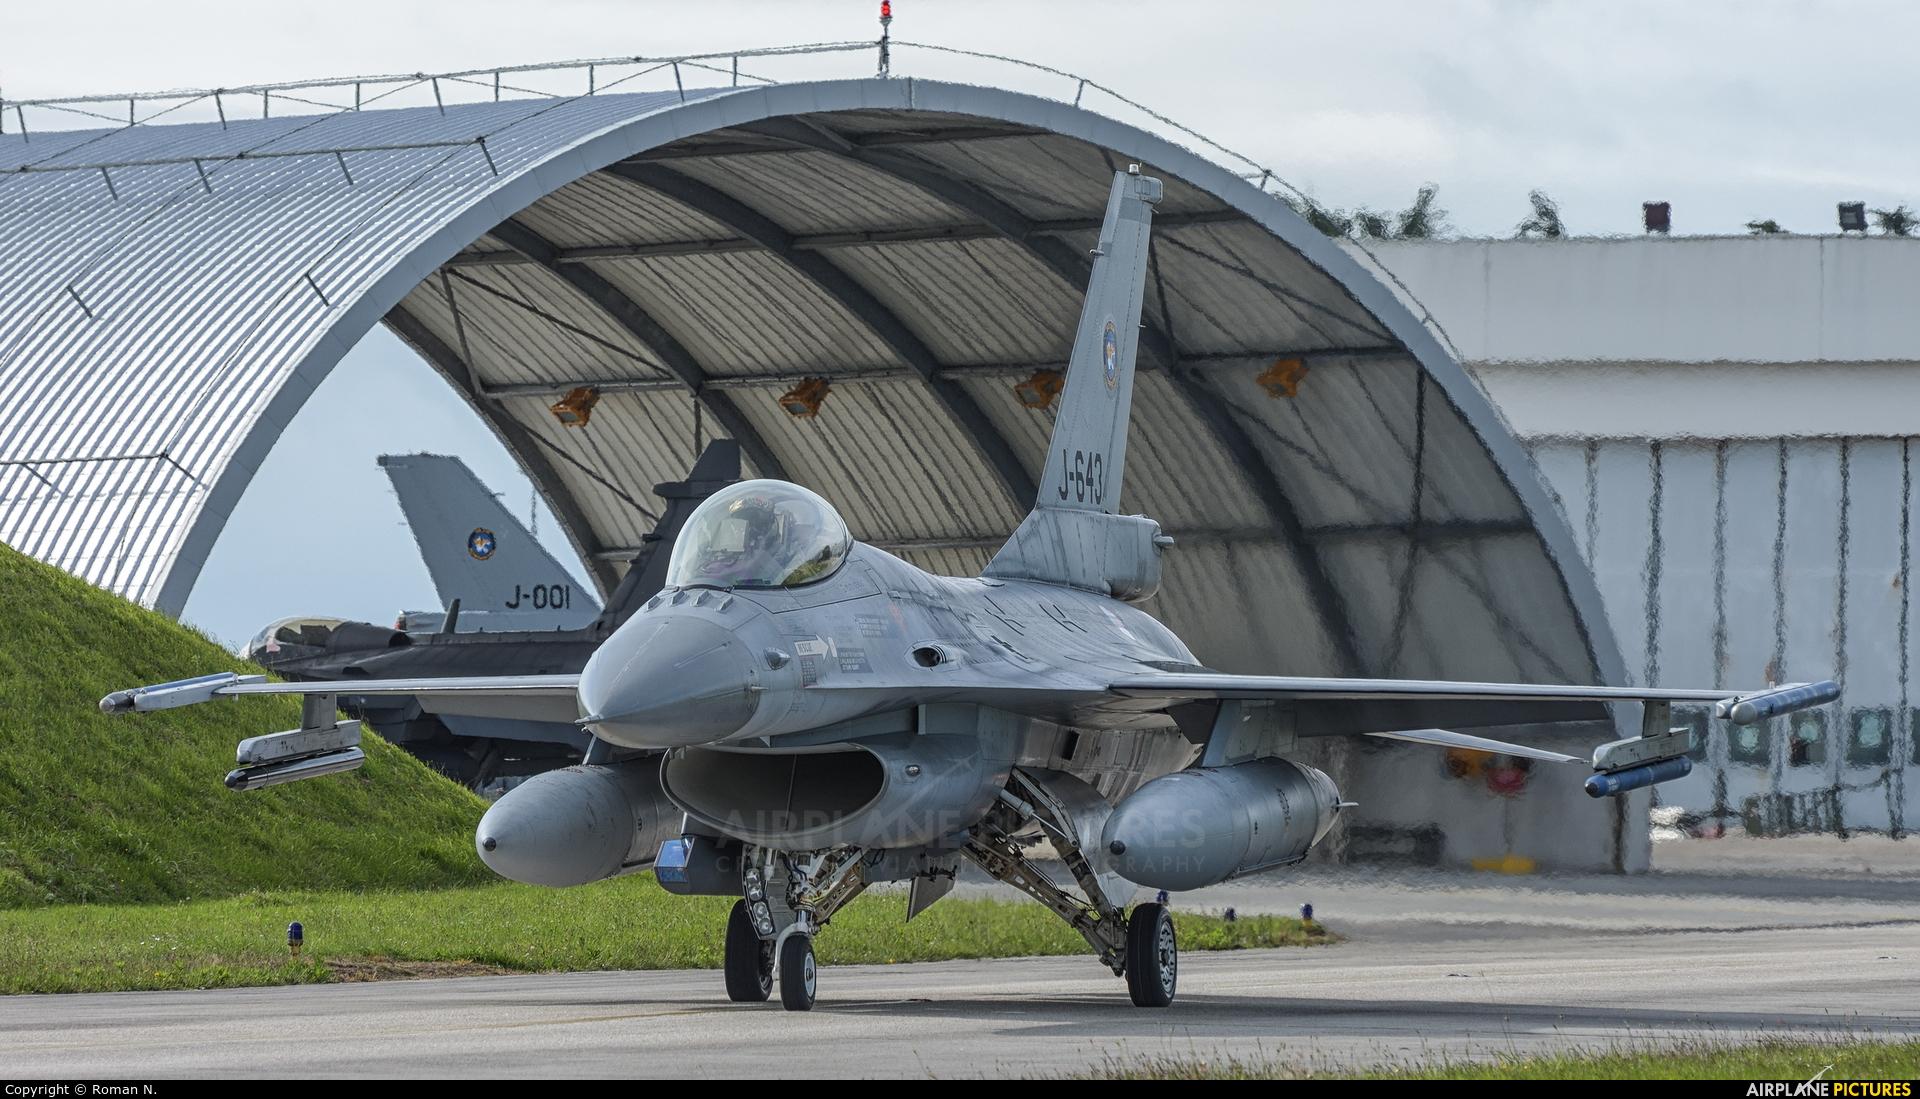 Netherlands - Air Force J-643 aircraft at Landivisiau